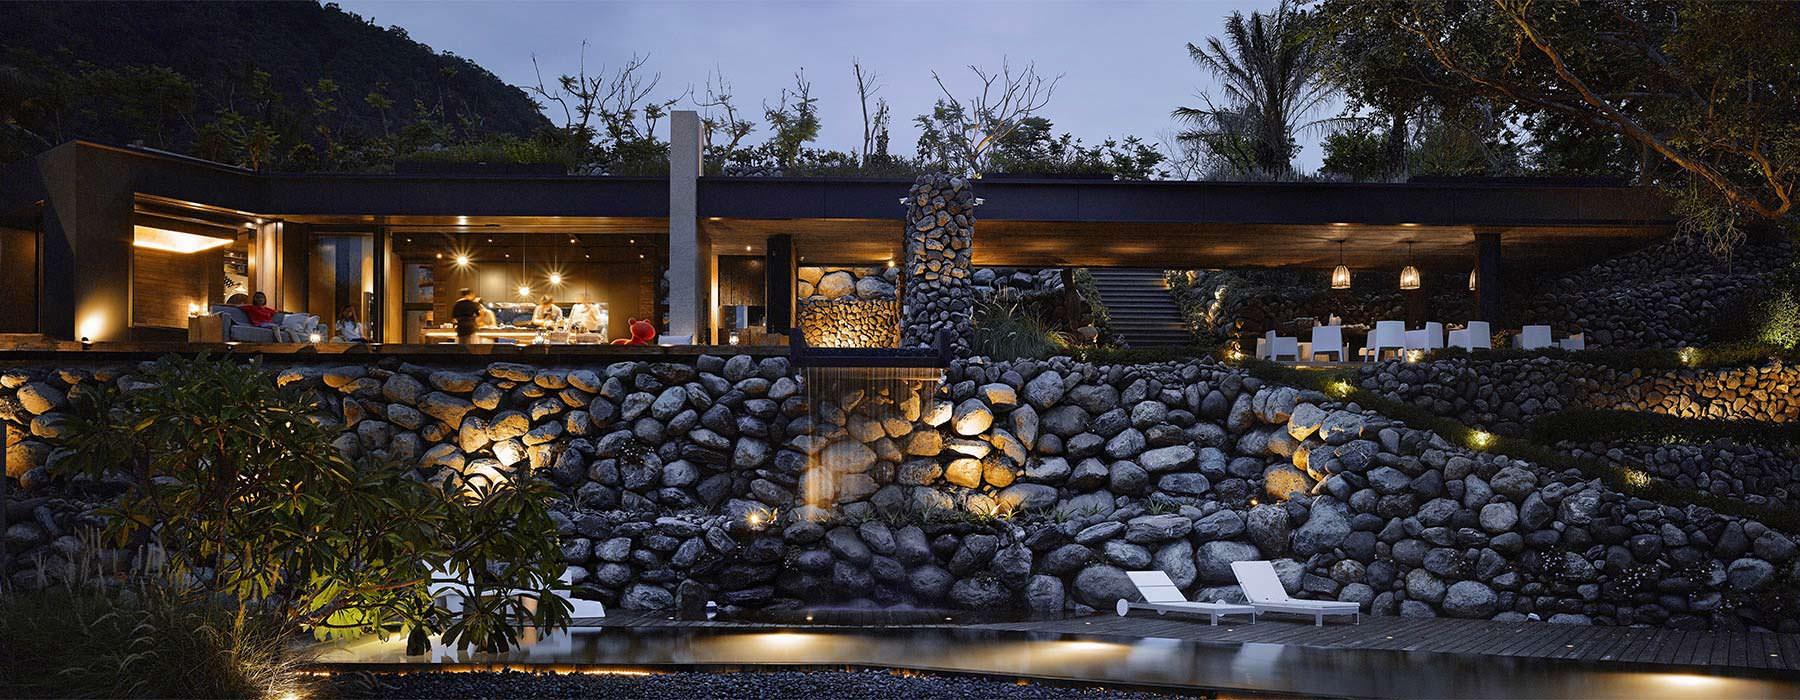 Каменная кладка дома